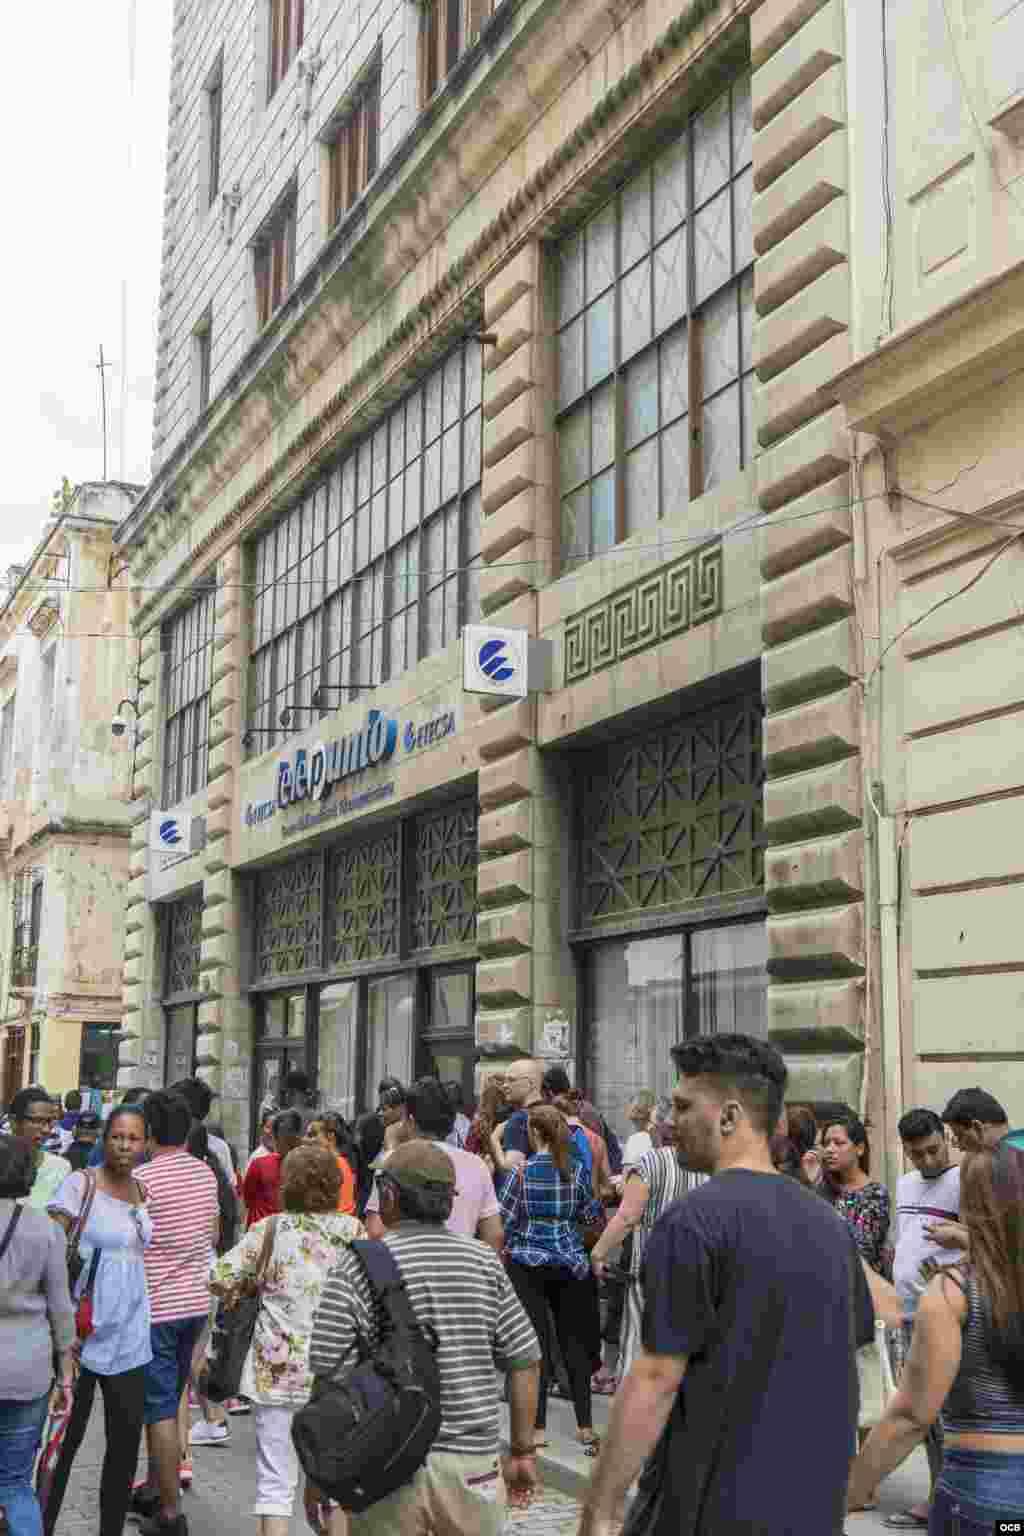 Oficina de ETECSA en la Calle Obispo, en La Habana.